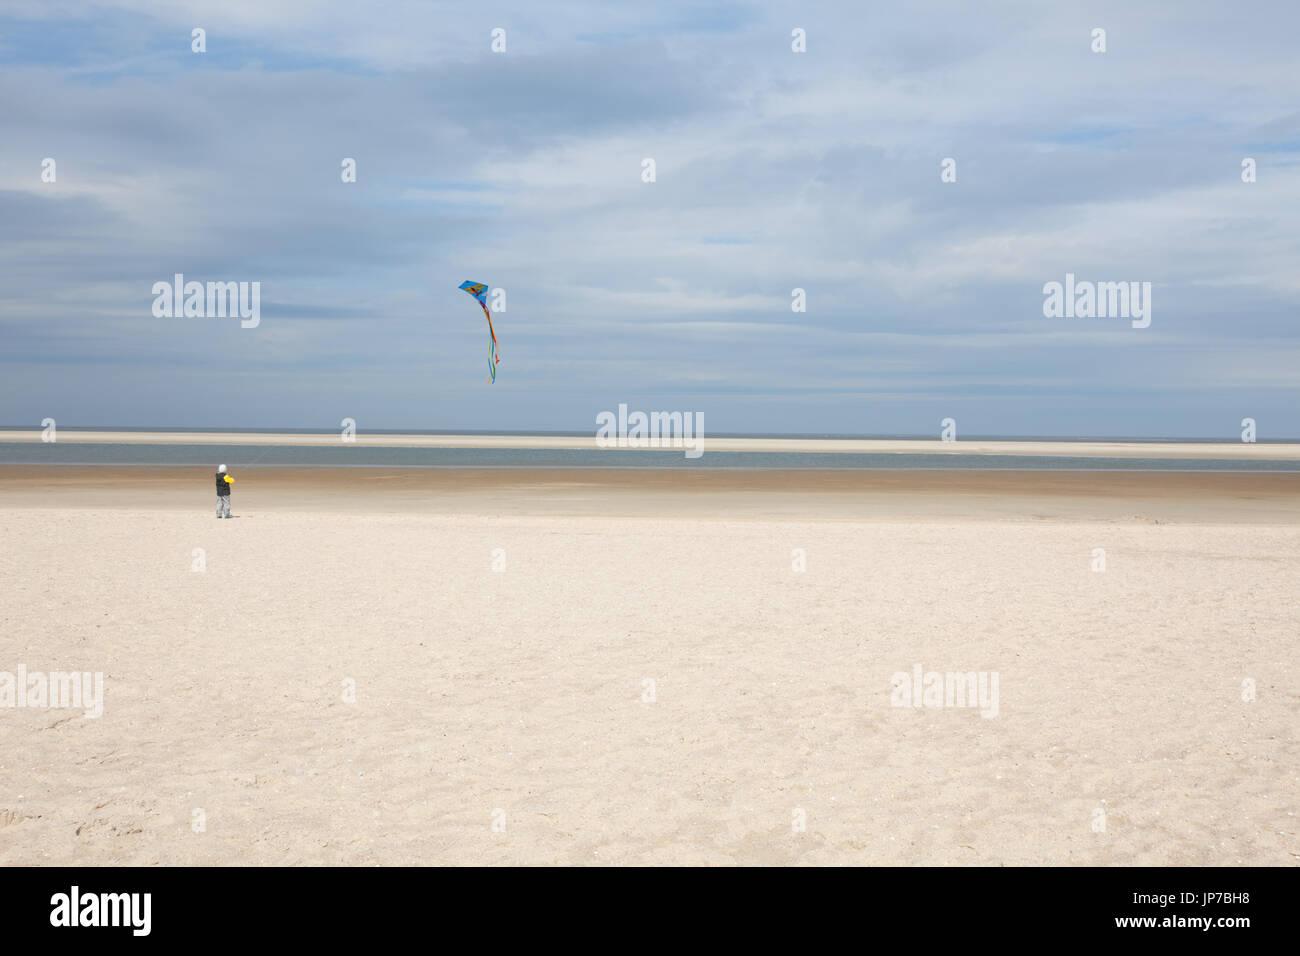 Europe, Germany, Friesland, Langeoog - Ein Kind kässt einen Drachen steigen - Langeoog a child let a kite fly Stock Photo